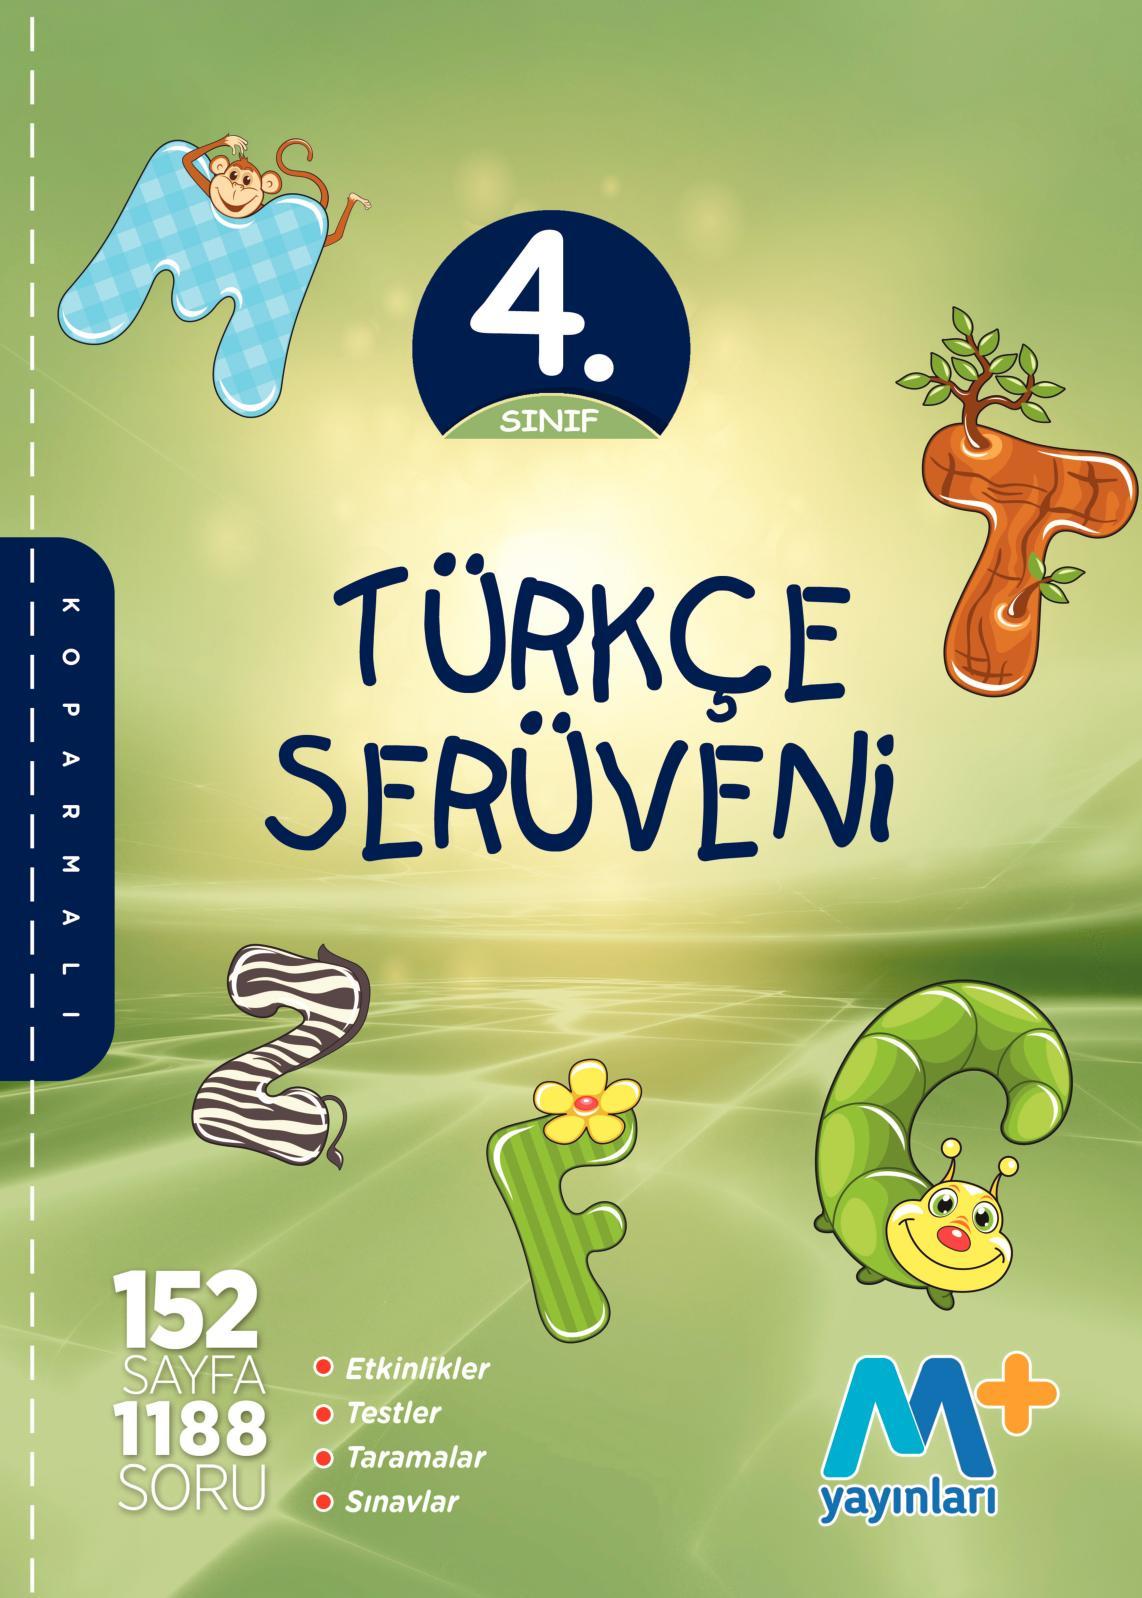 Calameo 4 Sinif Turkce Ders Kitabi Seruven Seti